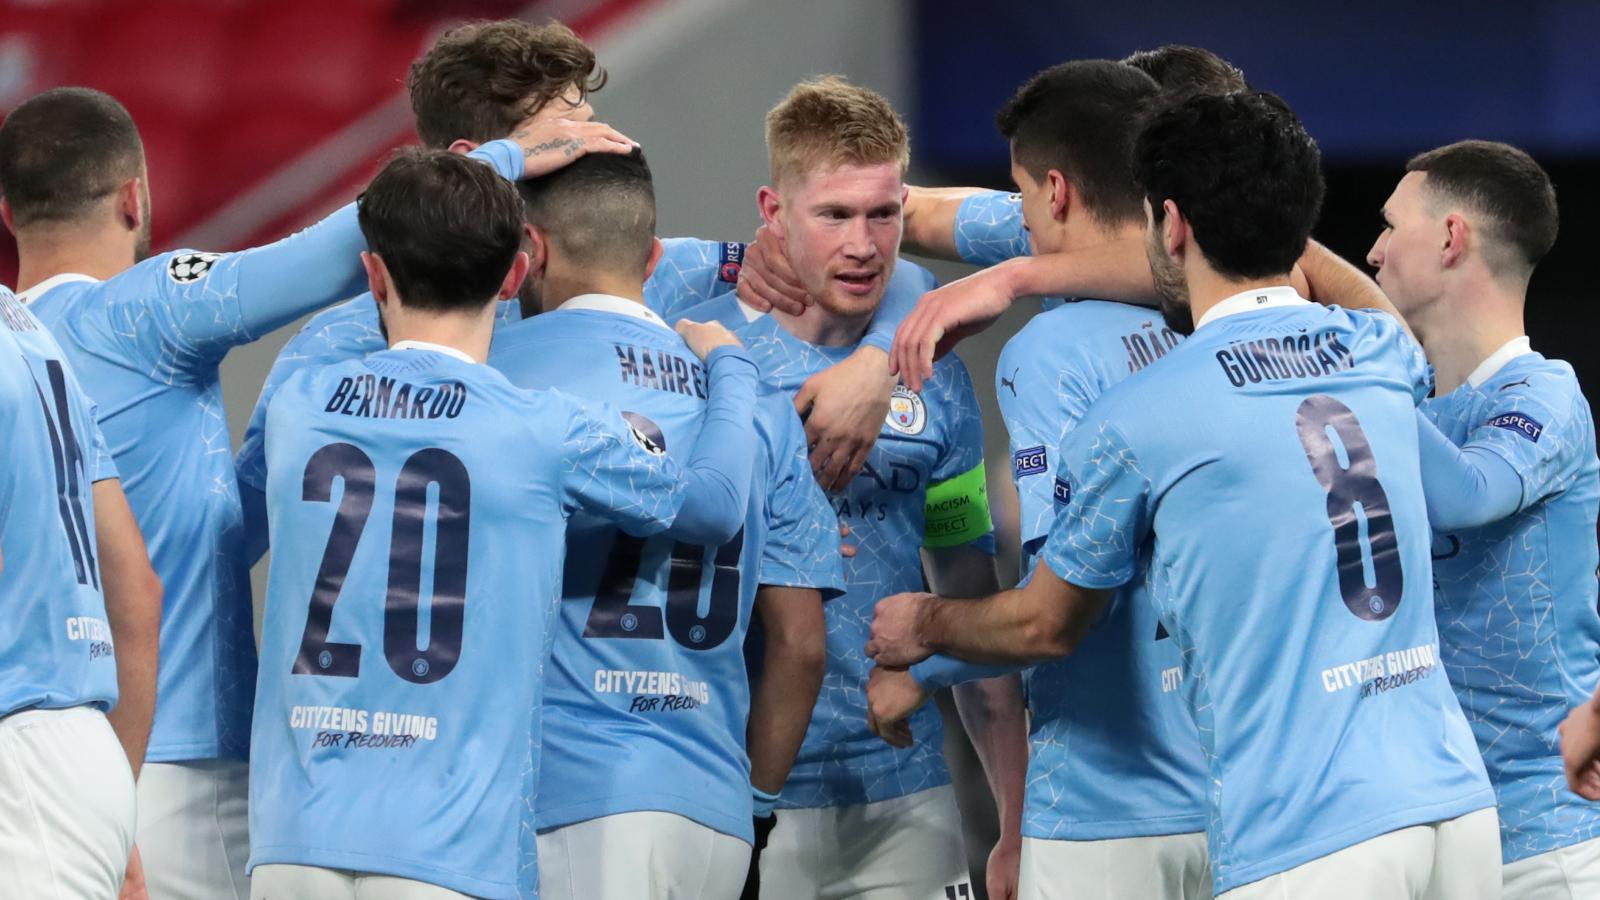 Manchester City-Borussia Monchengladbach 2-0: Guardiola vola ai quarti di Champions